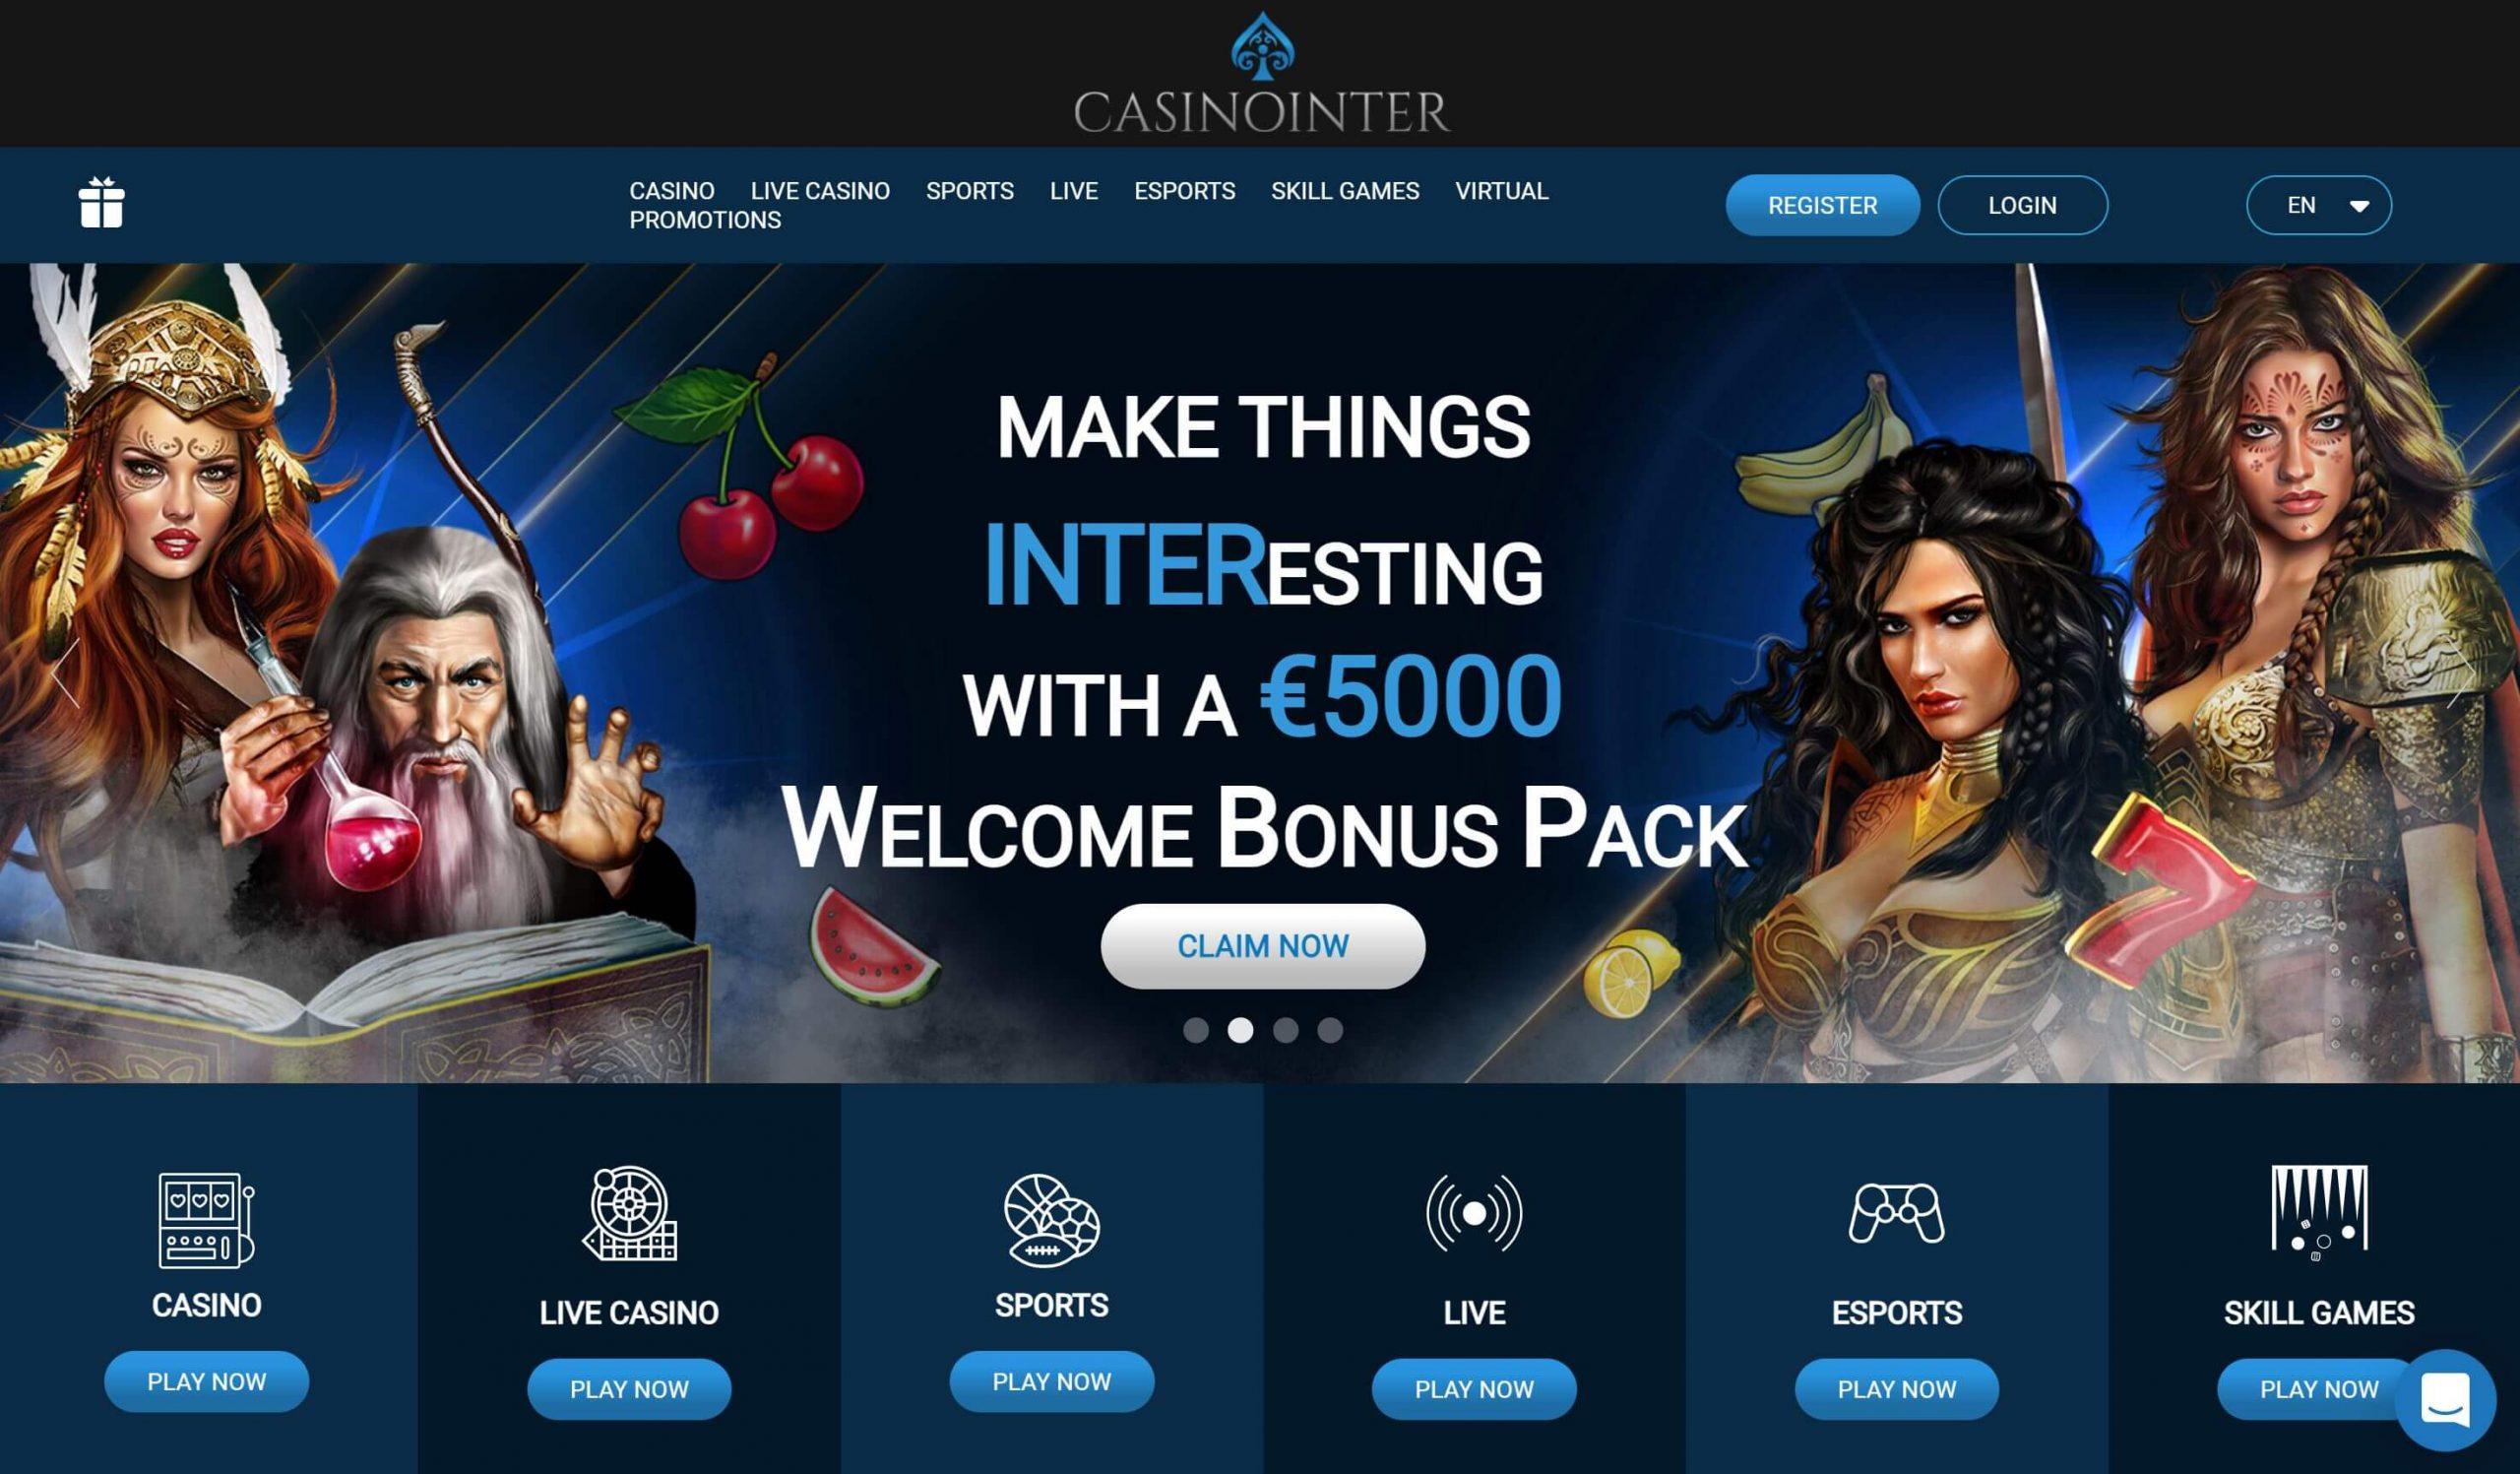 Casinointer Homepage